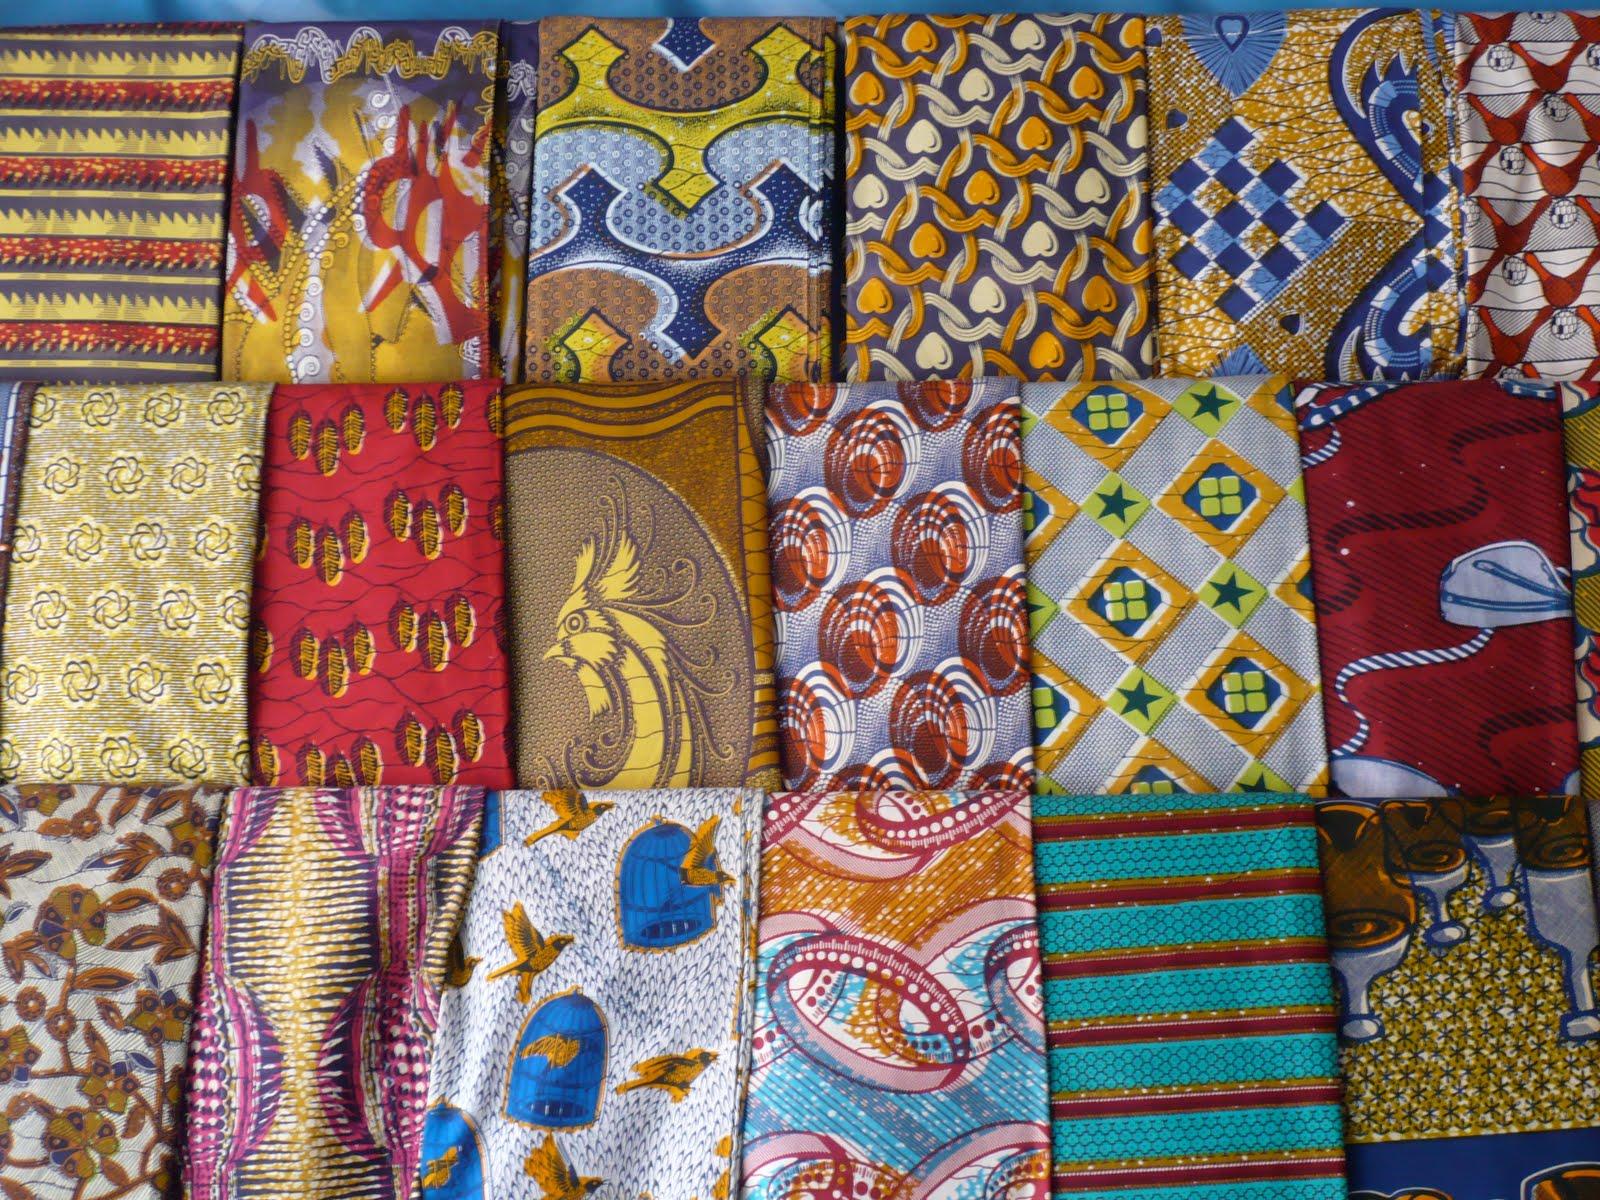 Viaje a burkina faso estampados con mensaje - Telas africanas barcelona ...